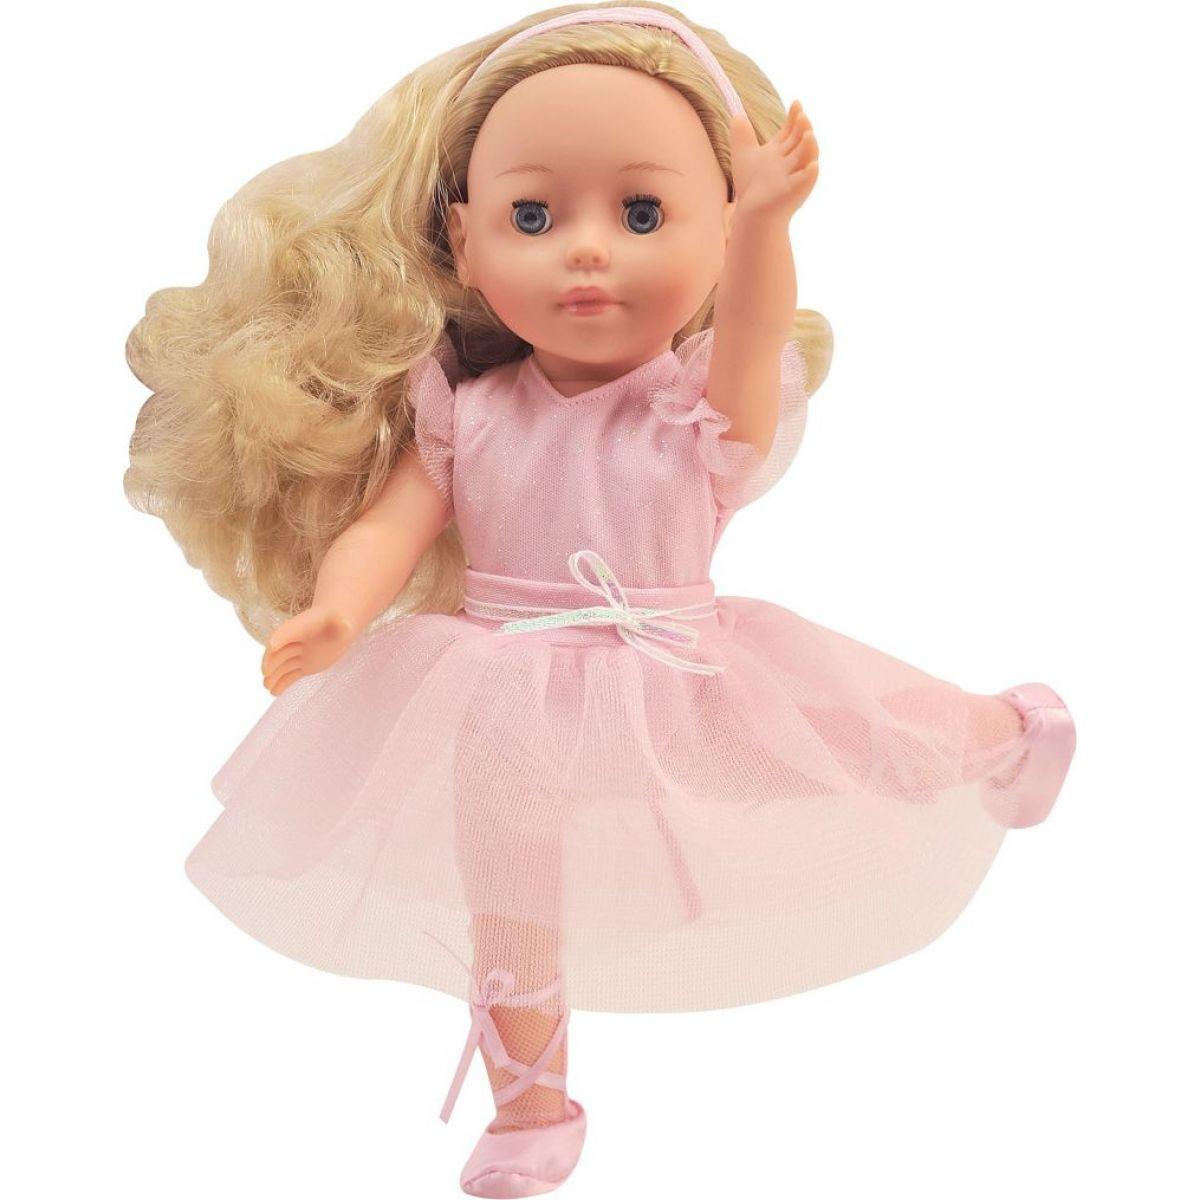 Dimian Panenka Bambolina Boutique 30 cm růžové šatičky